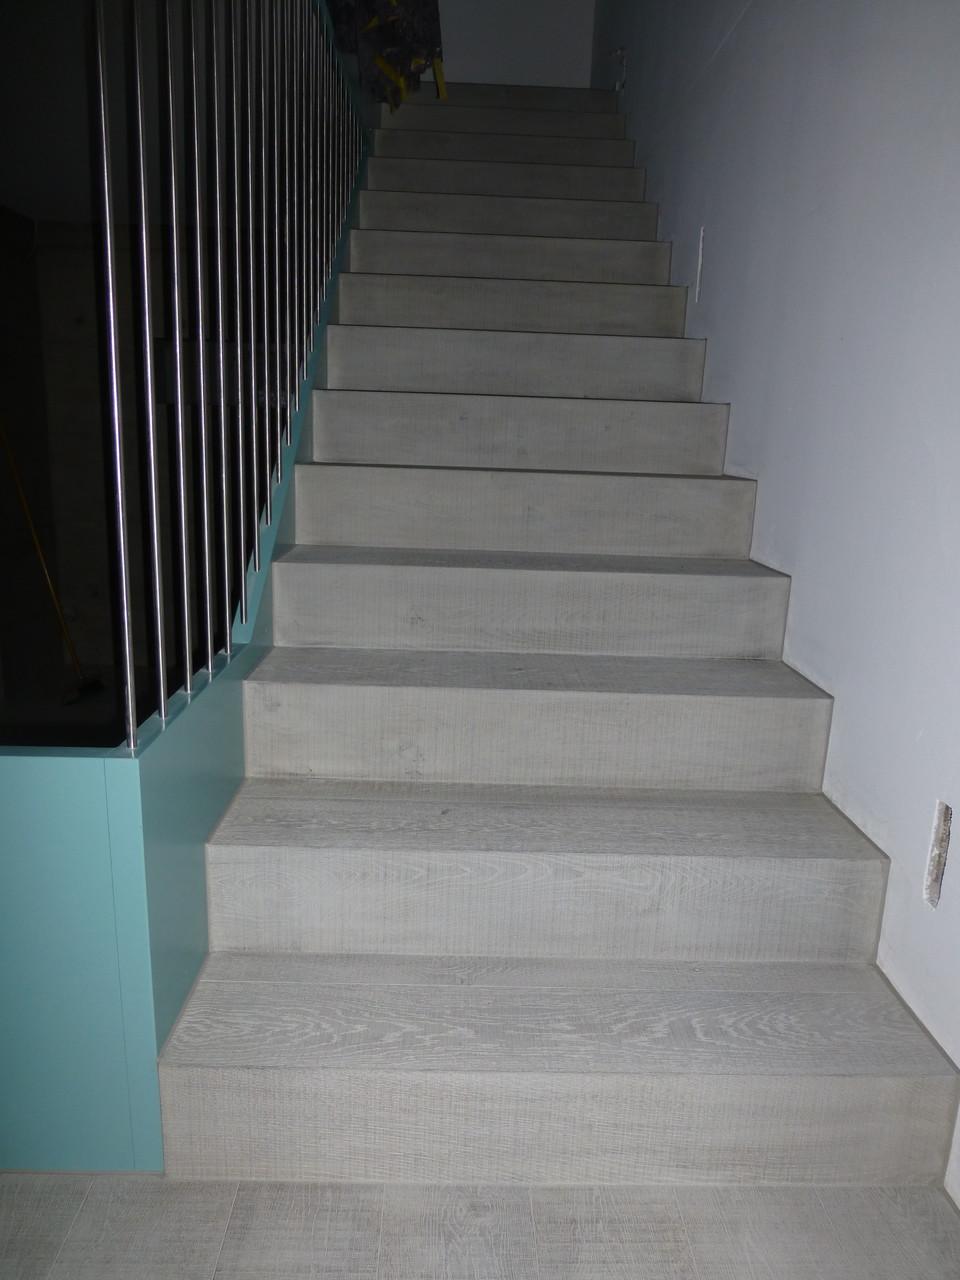 Treppe mit Parkett belegt, Eiche natur, Fumé, sägeroh. Behandlung Pilatus vor Ort